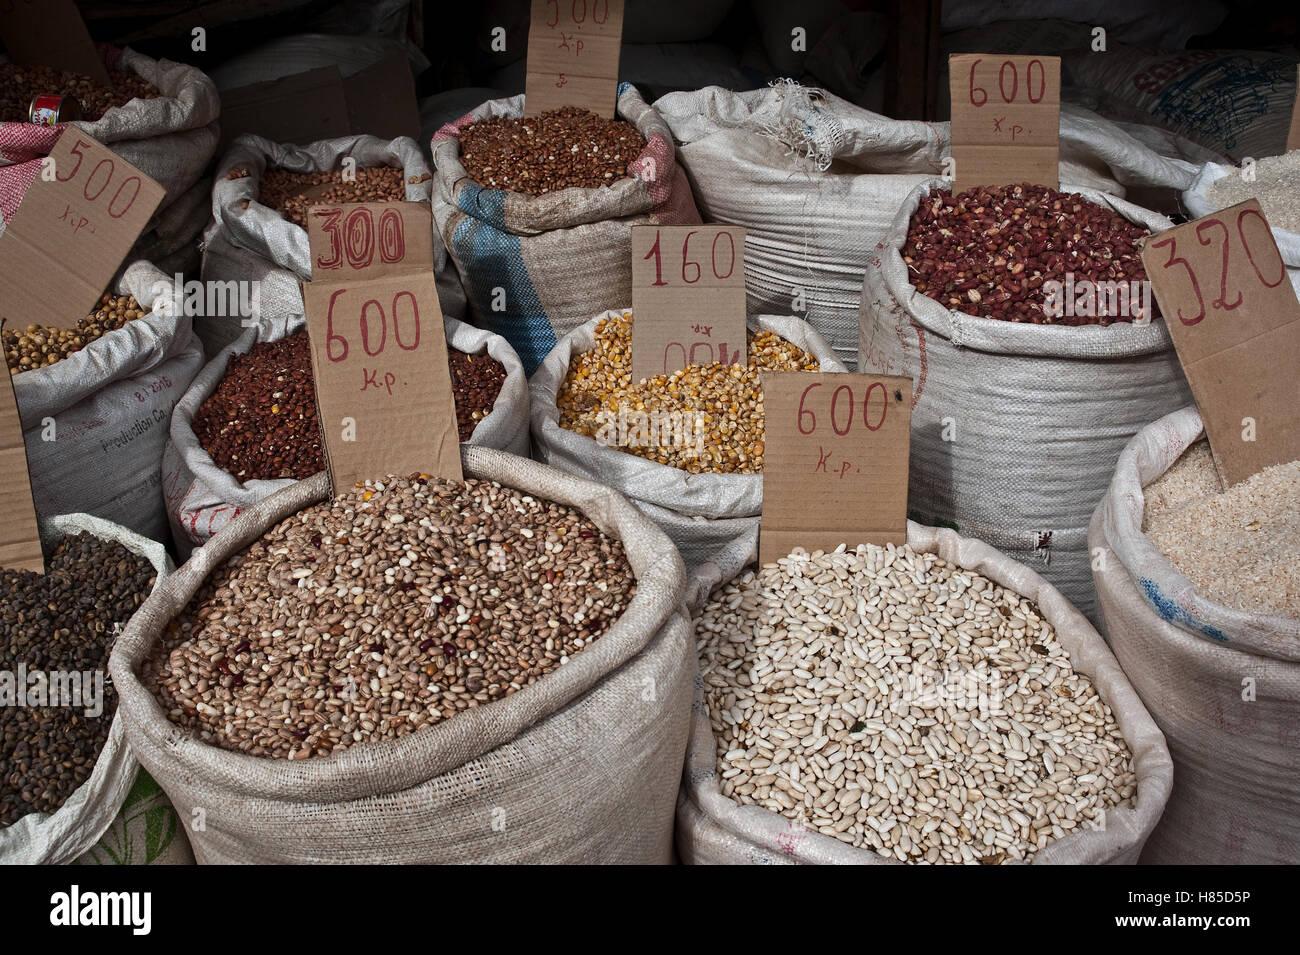 Basic products on sale ( Madagascar) - Stock Image